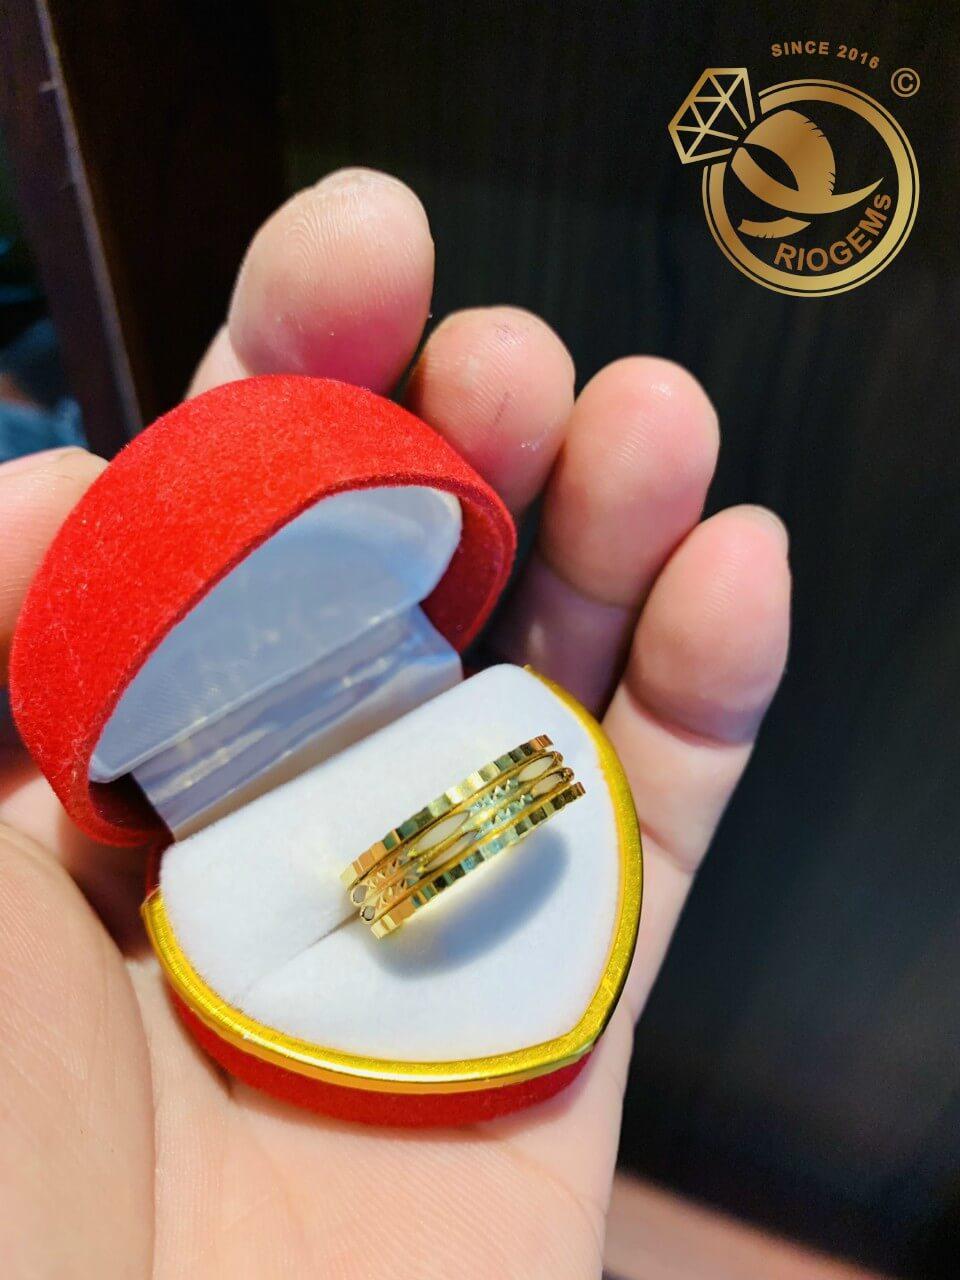 Nhẫn xoay 2 sợi Lông Voi trắng song song vàng 18K thích hợp làm quà tặng